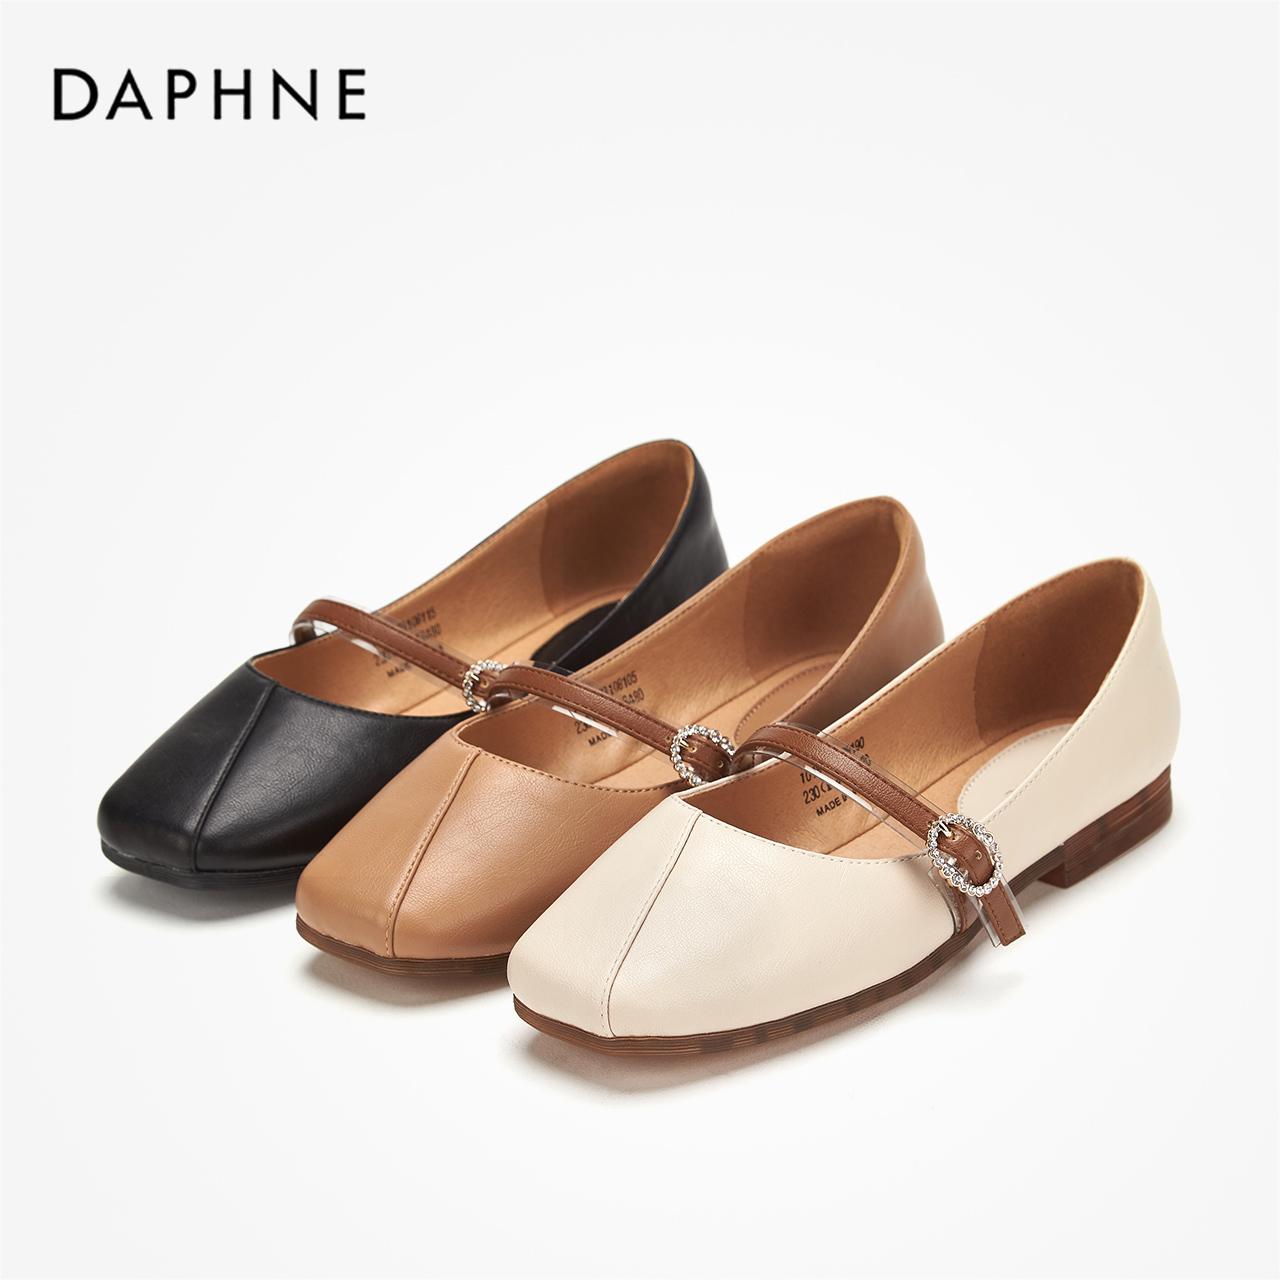 秋复古方头玛丽珍鞋优雅浅口平底奶奶鞋 2019 达芙妮 Daphne